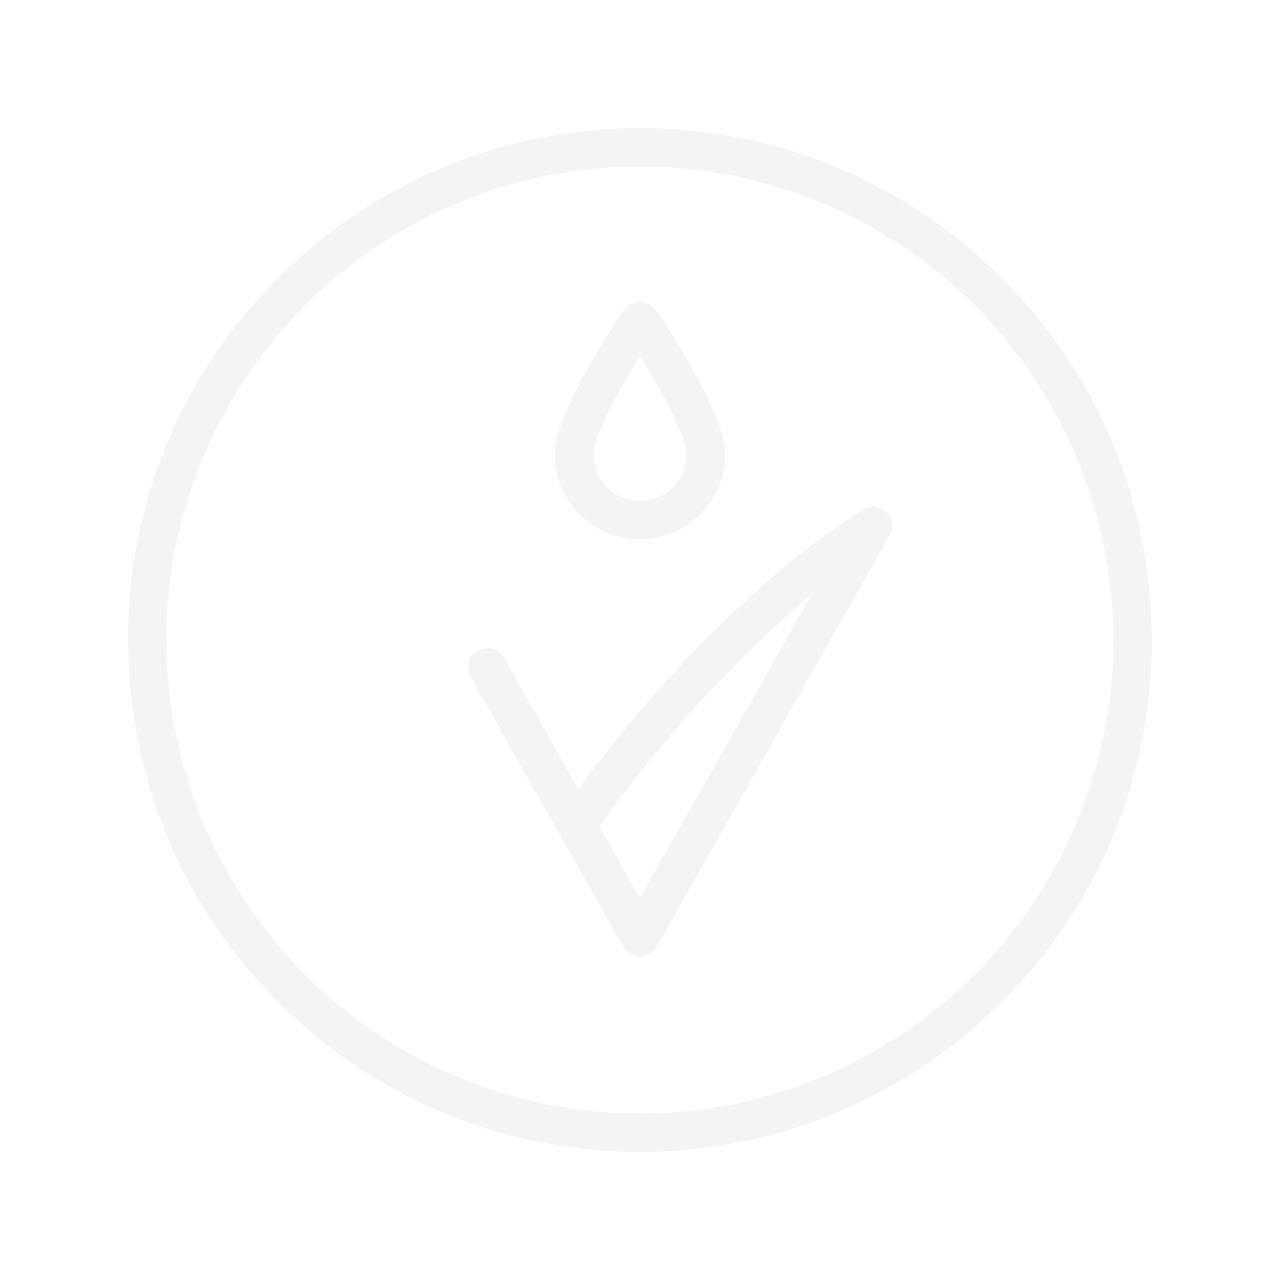 BIODROGA De-Stress Algae Sheet Mask успокаивающая тканевая маска 16ml